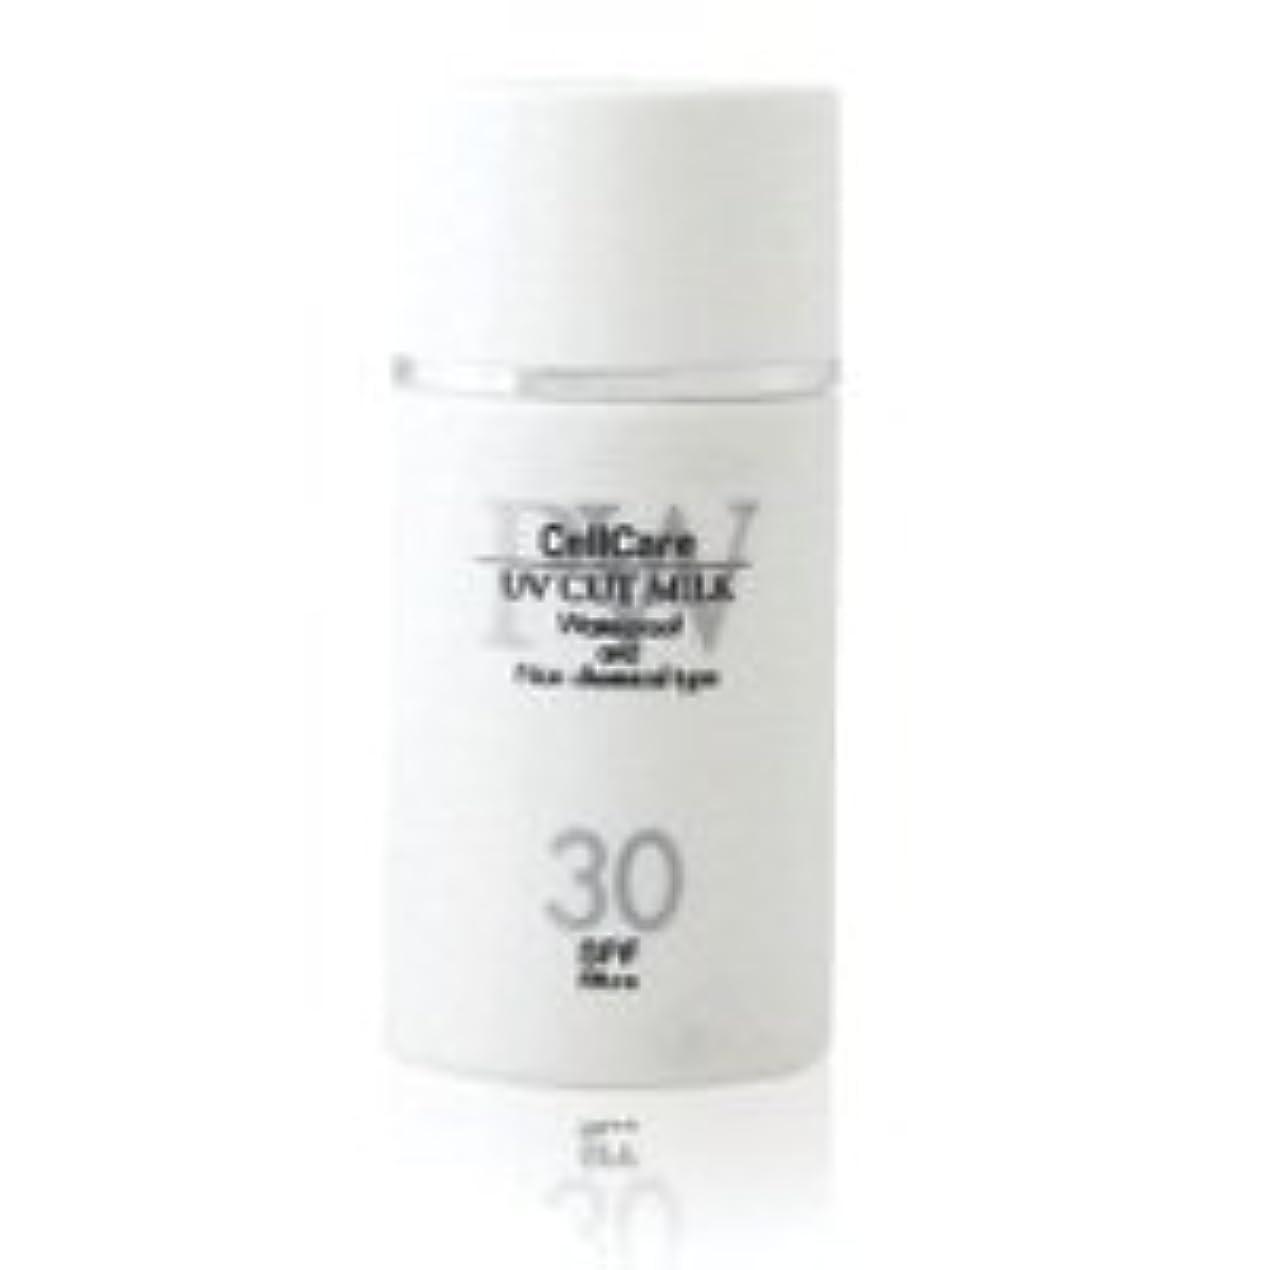 ブレース白い状態☆セルケア ピュアホワイトUVカットミルク 30ml 【日焼け止め乳液】